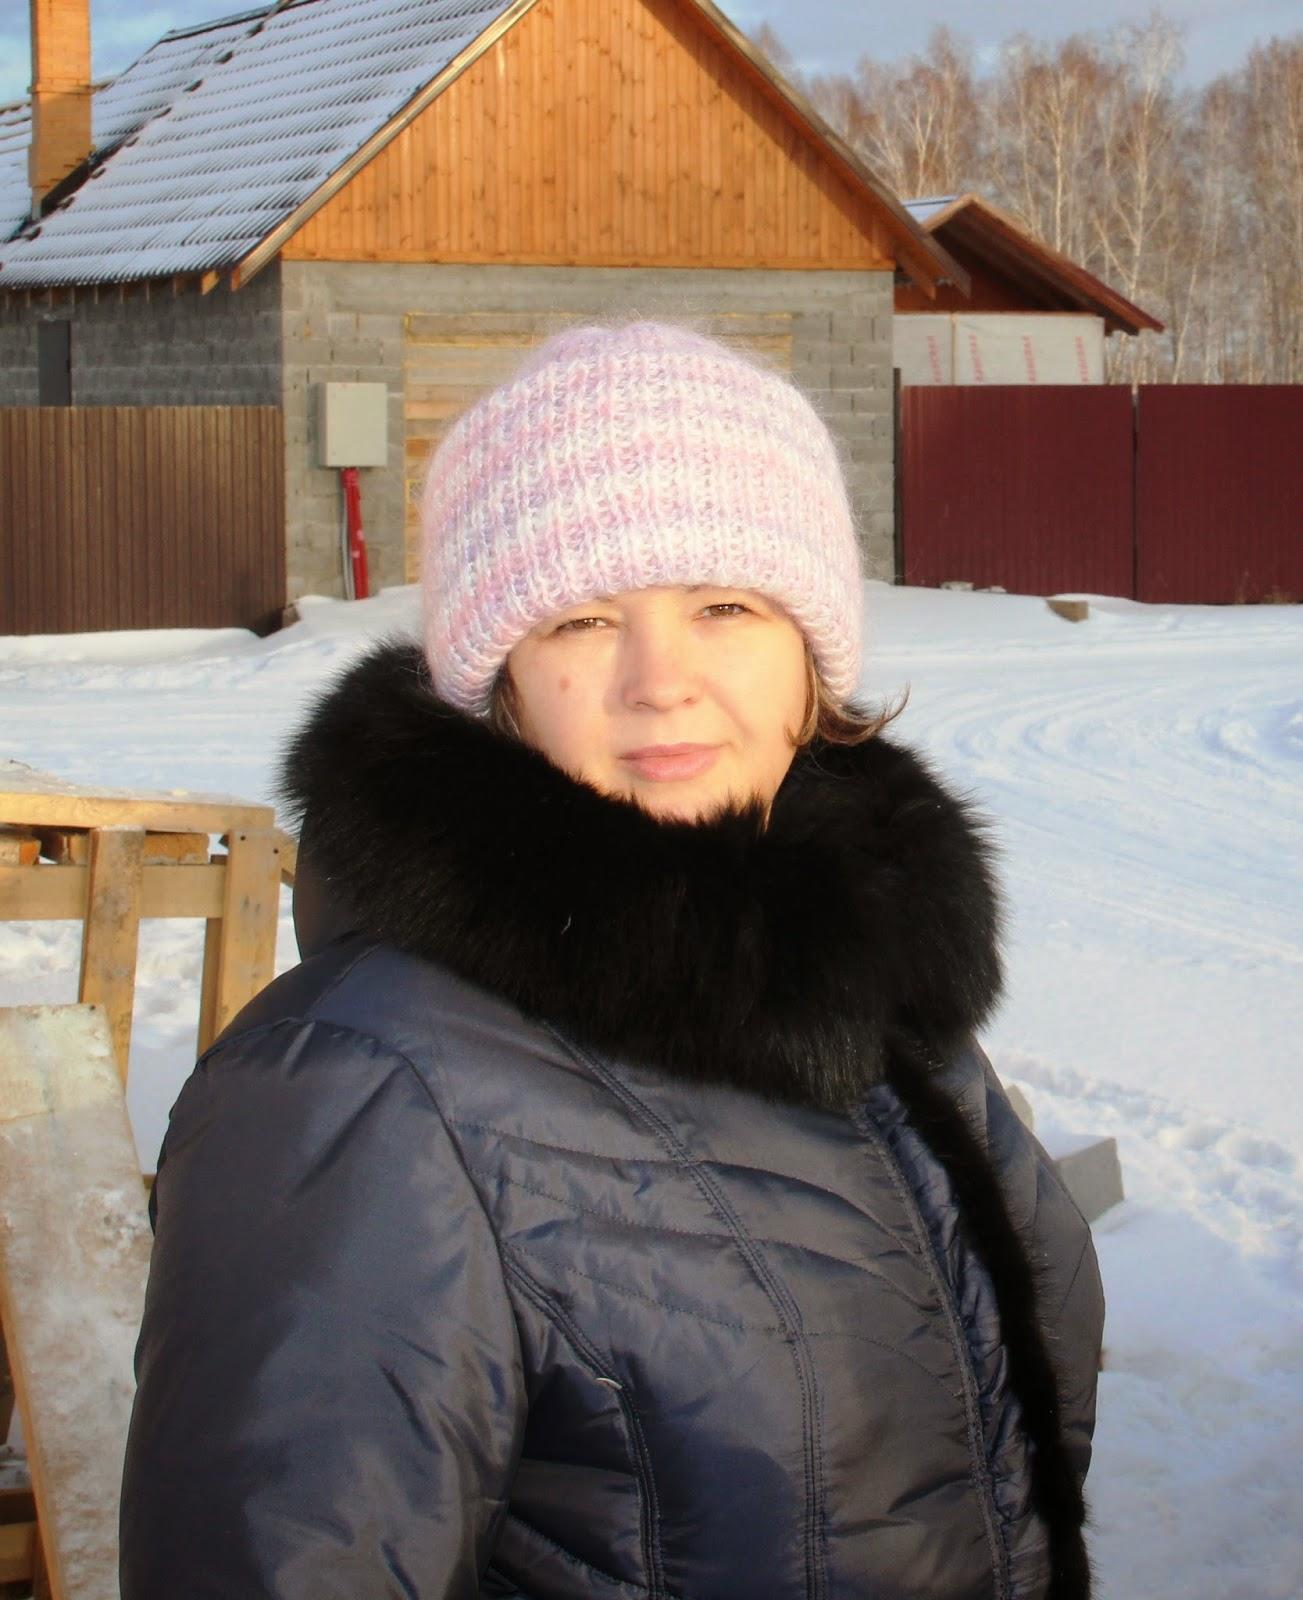 шапочка с двумя отворотами пушистая для зимы